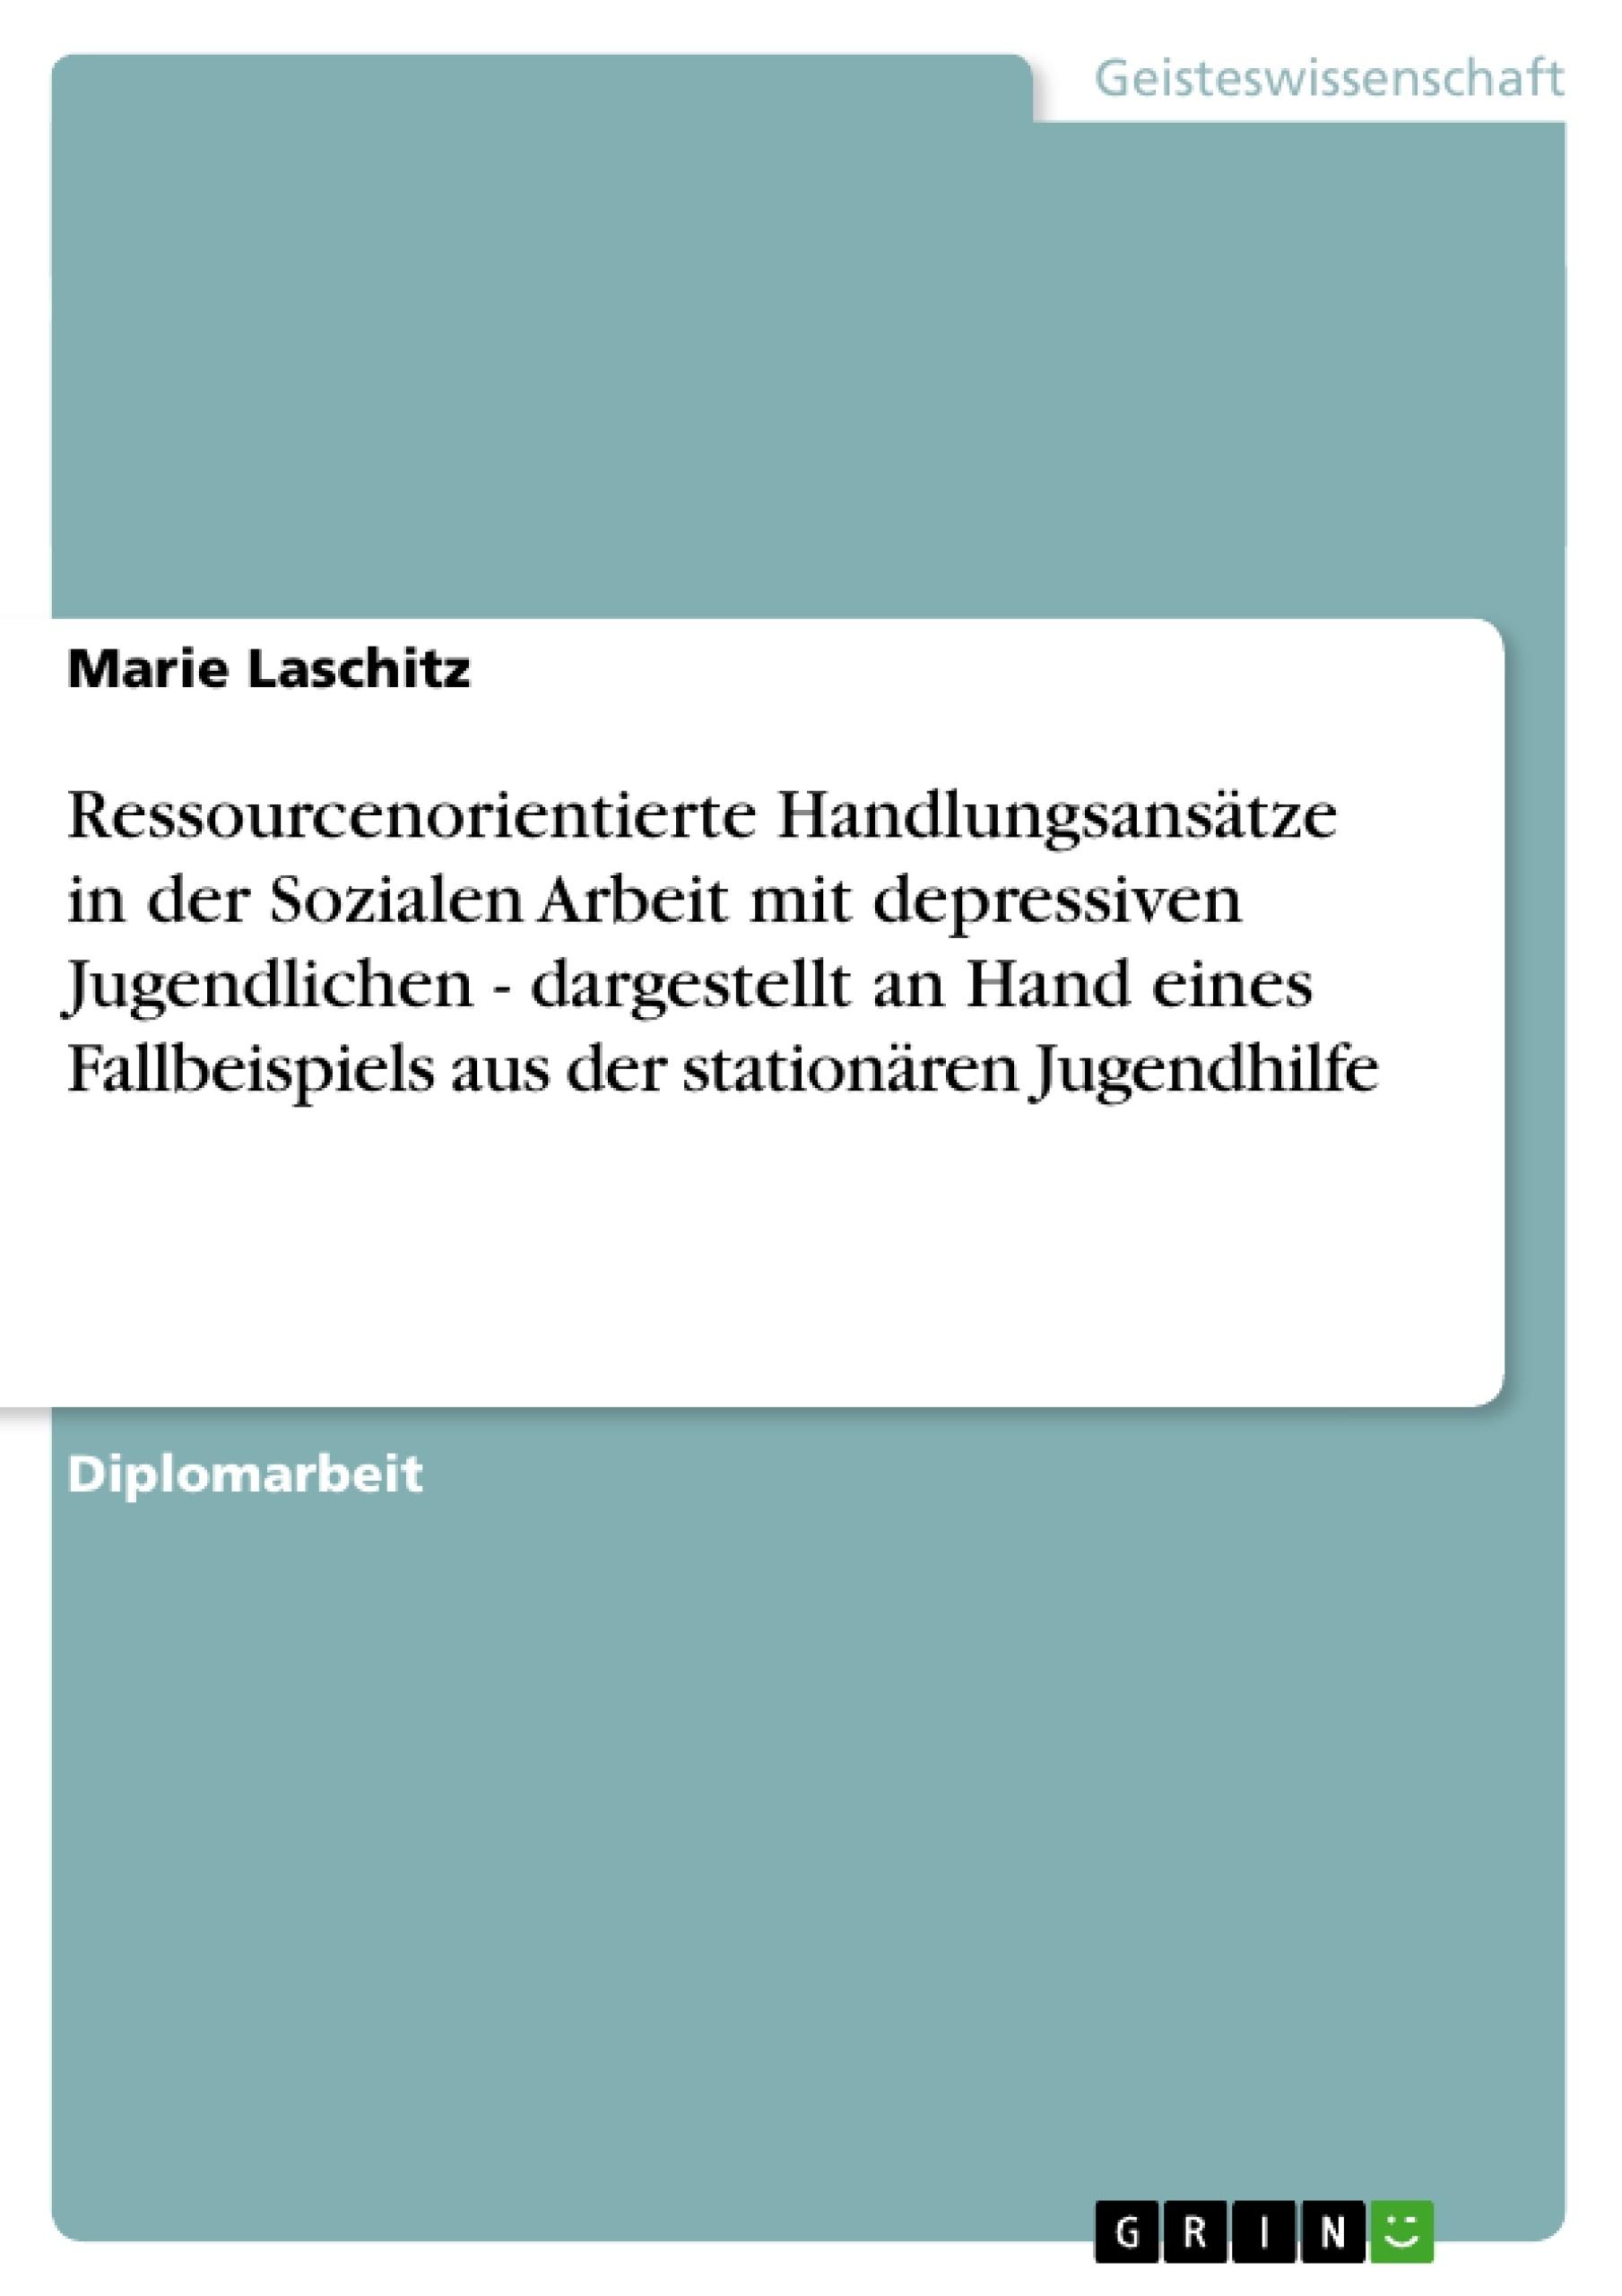 Titel: Ressourcenorientierte Handlungsansätze in der Sozialen Arbeit mit depressiven Jugendlichen - dargestellt an Hand eines Fallbeispiels aus der stationären Jugendhilfe